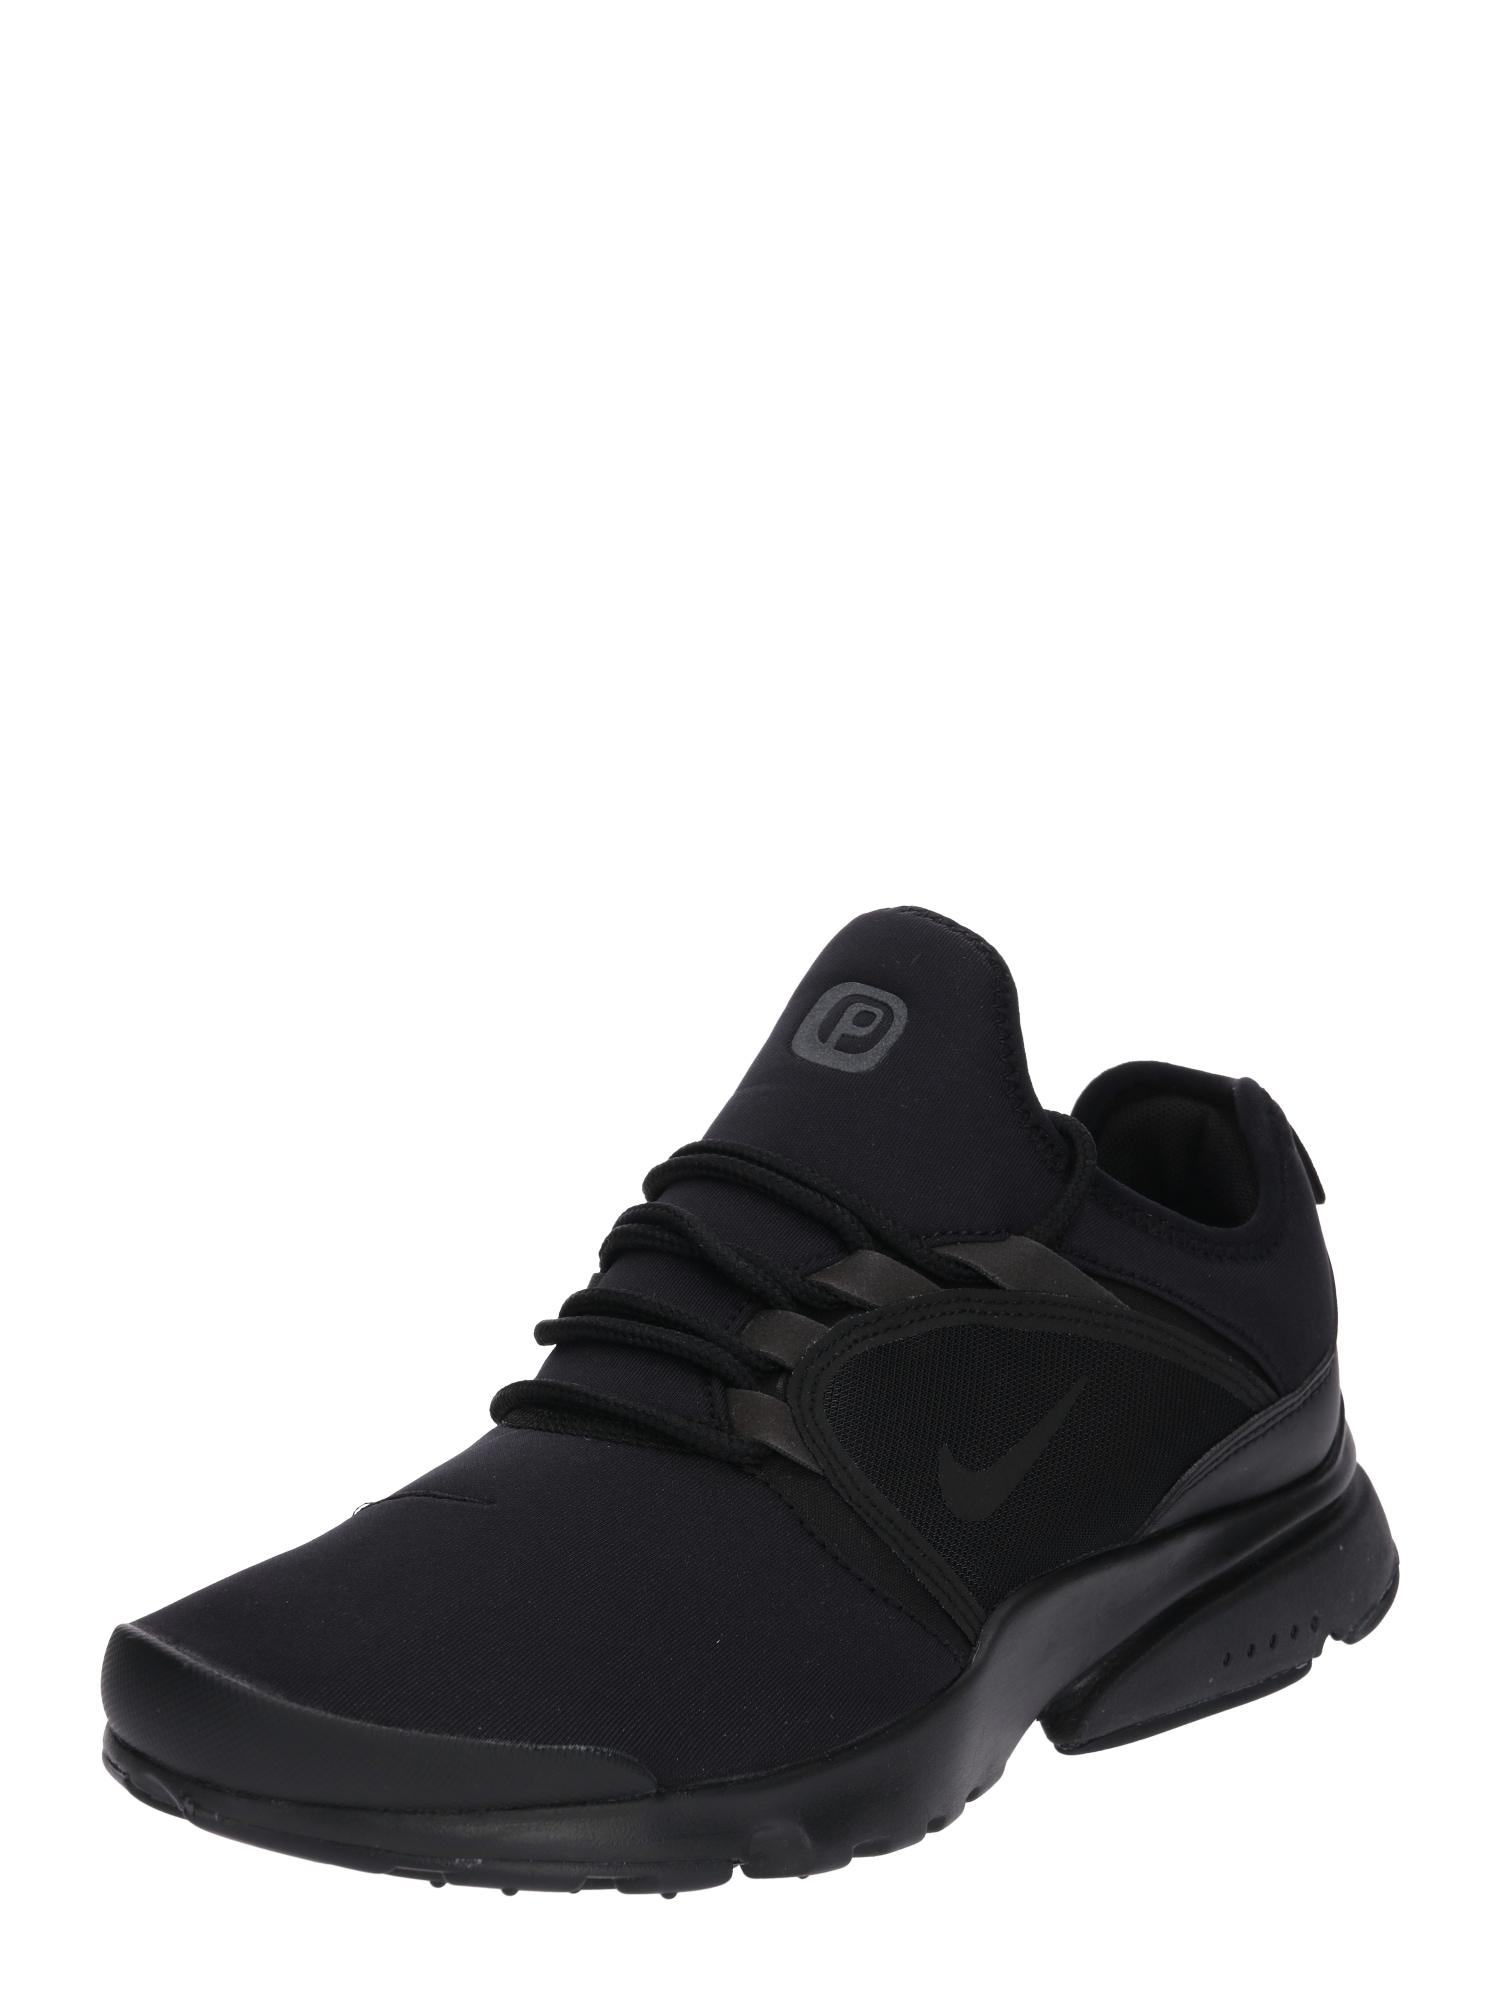 Nike Sportswear, Heren Sneakers laag 'Nike Presto Fly World', zwart